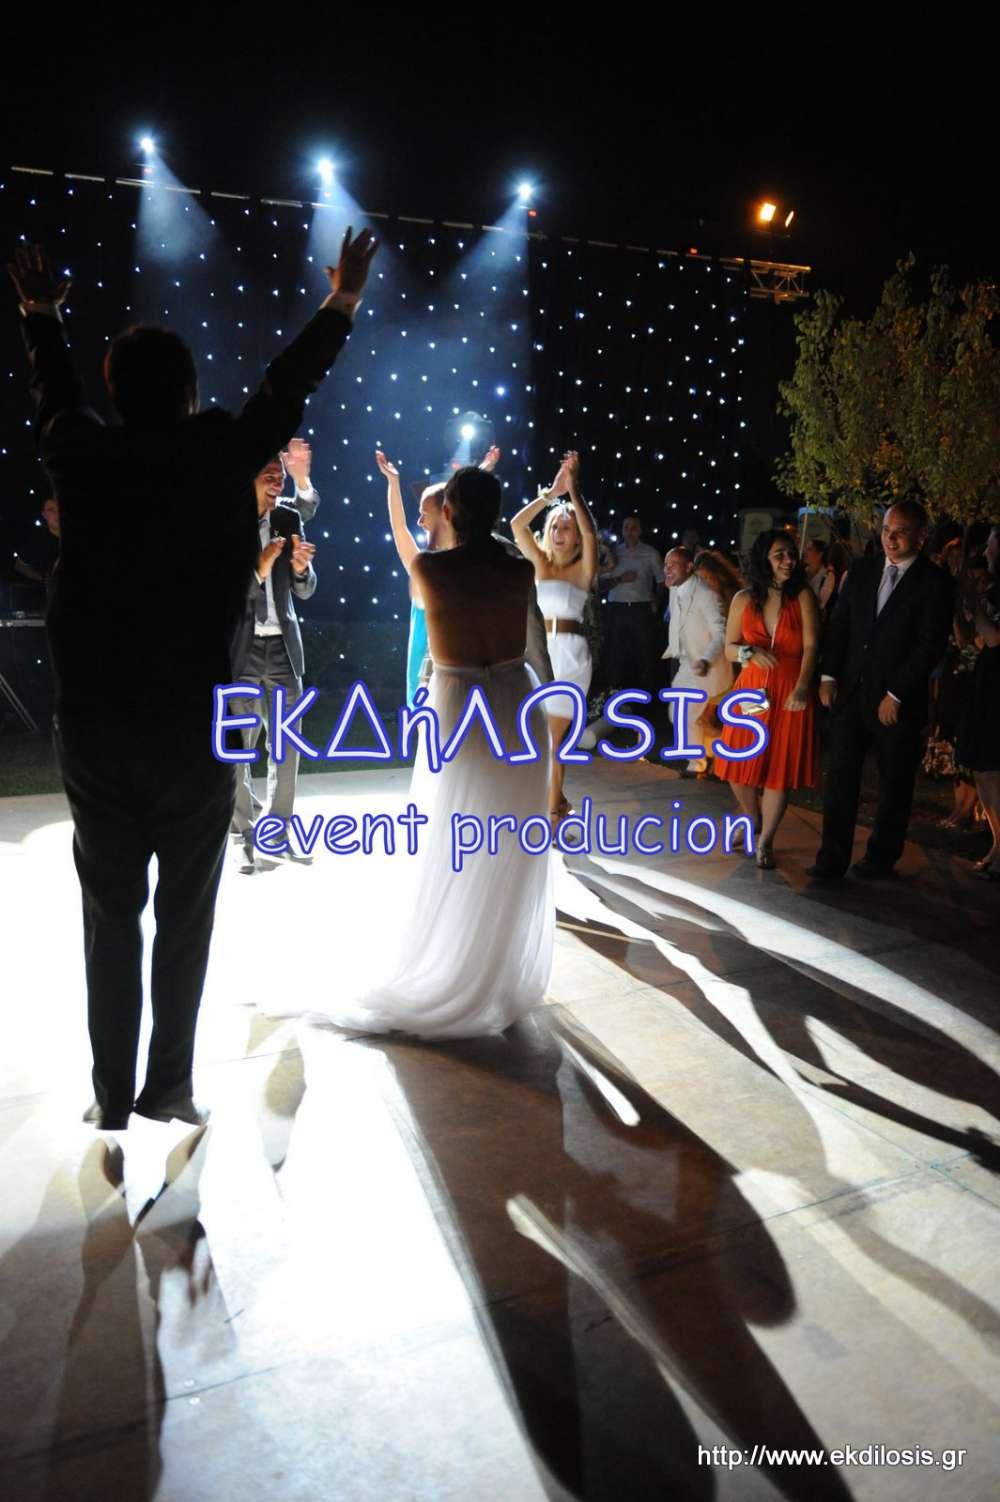 φωτισμοί εκδήλωσης & δεξίωσης της EKDILOSIS event production